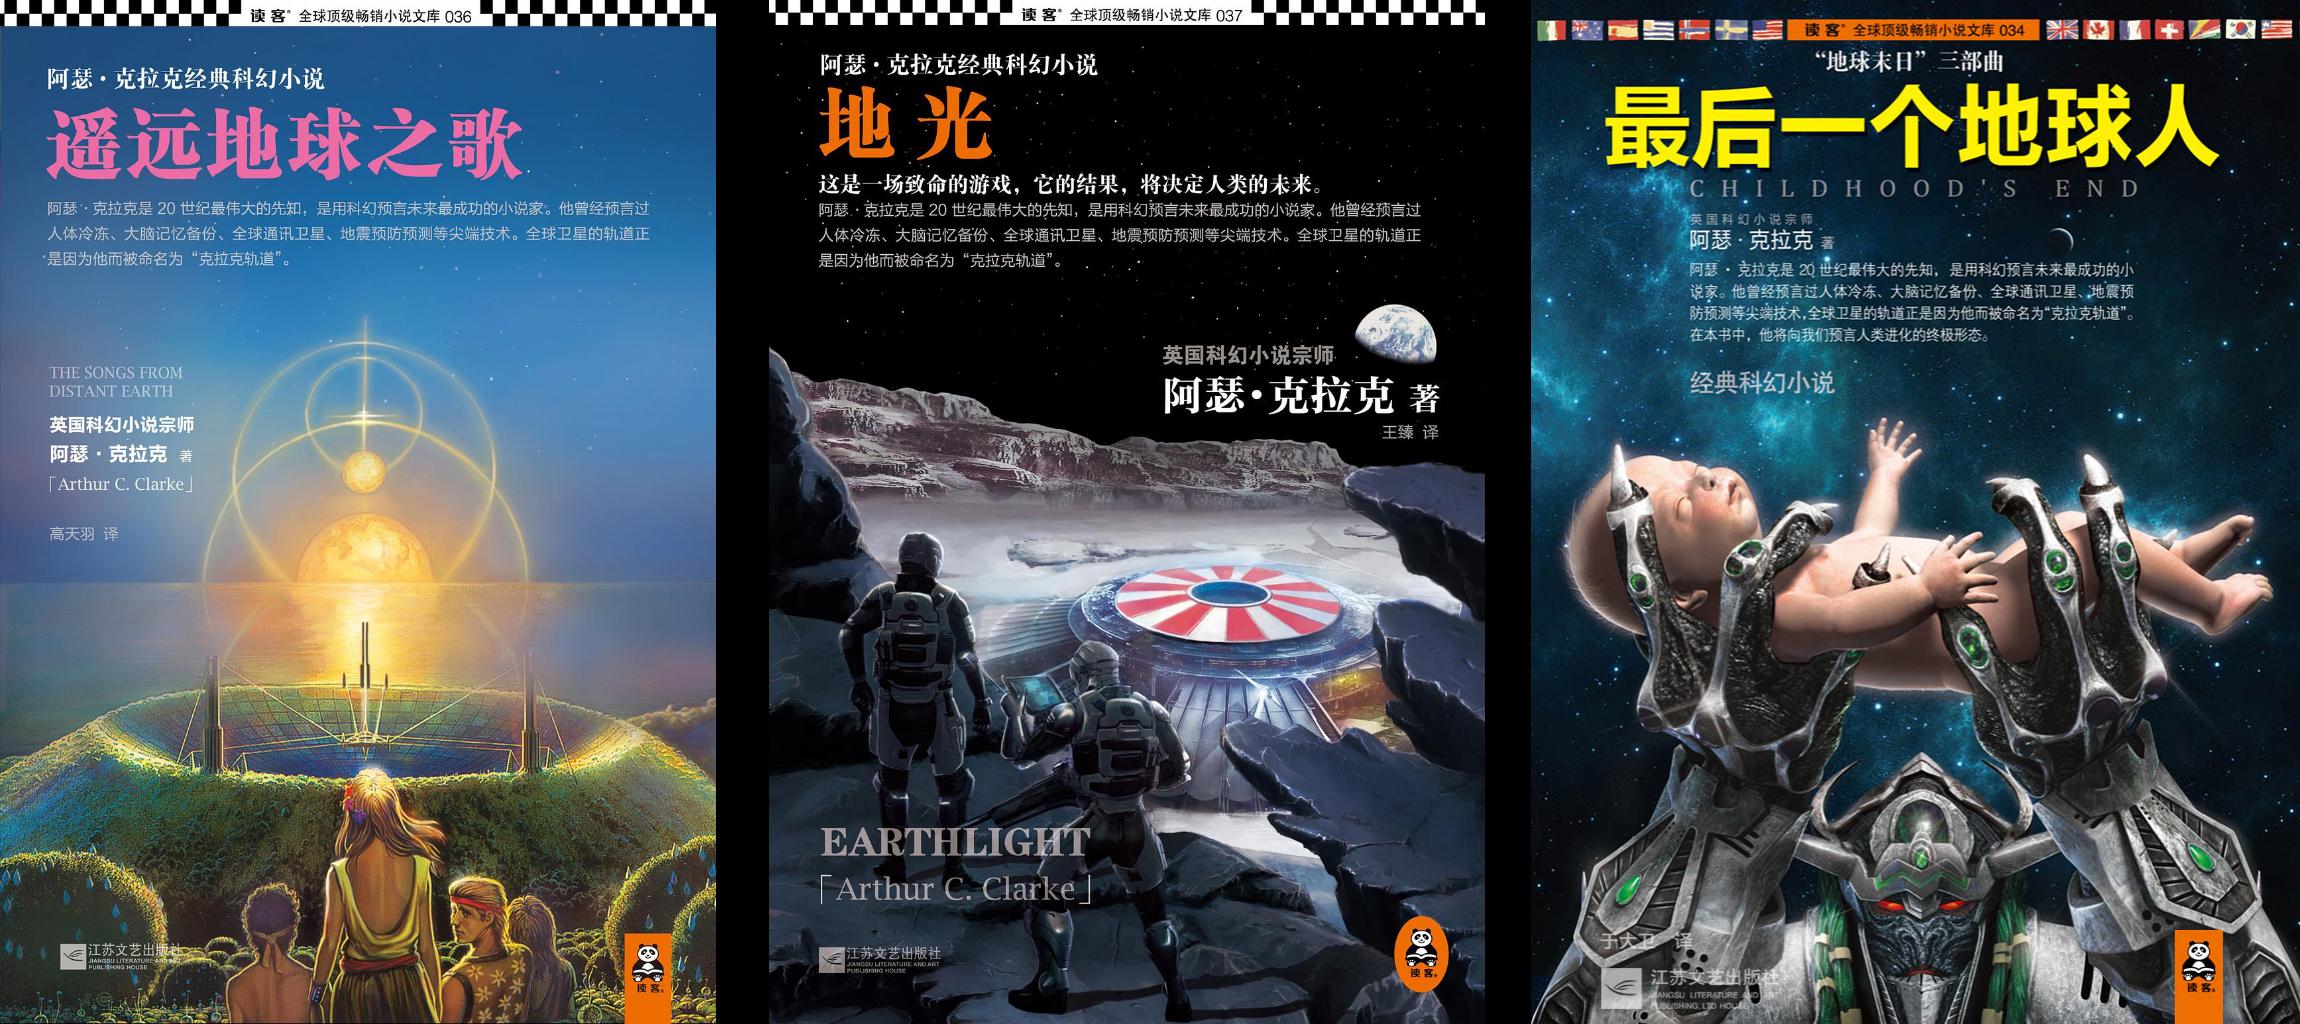 原作名分別是:《The Songs of Distant Earth》、《Earthlight》和《Childhood's End》。